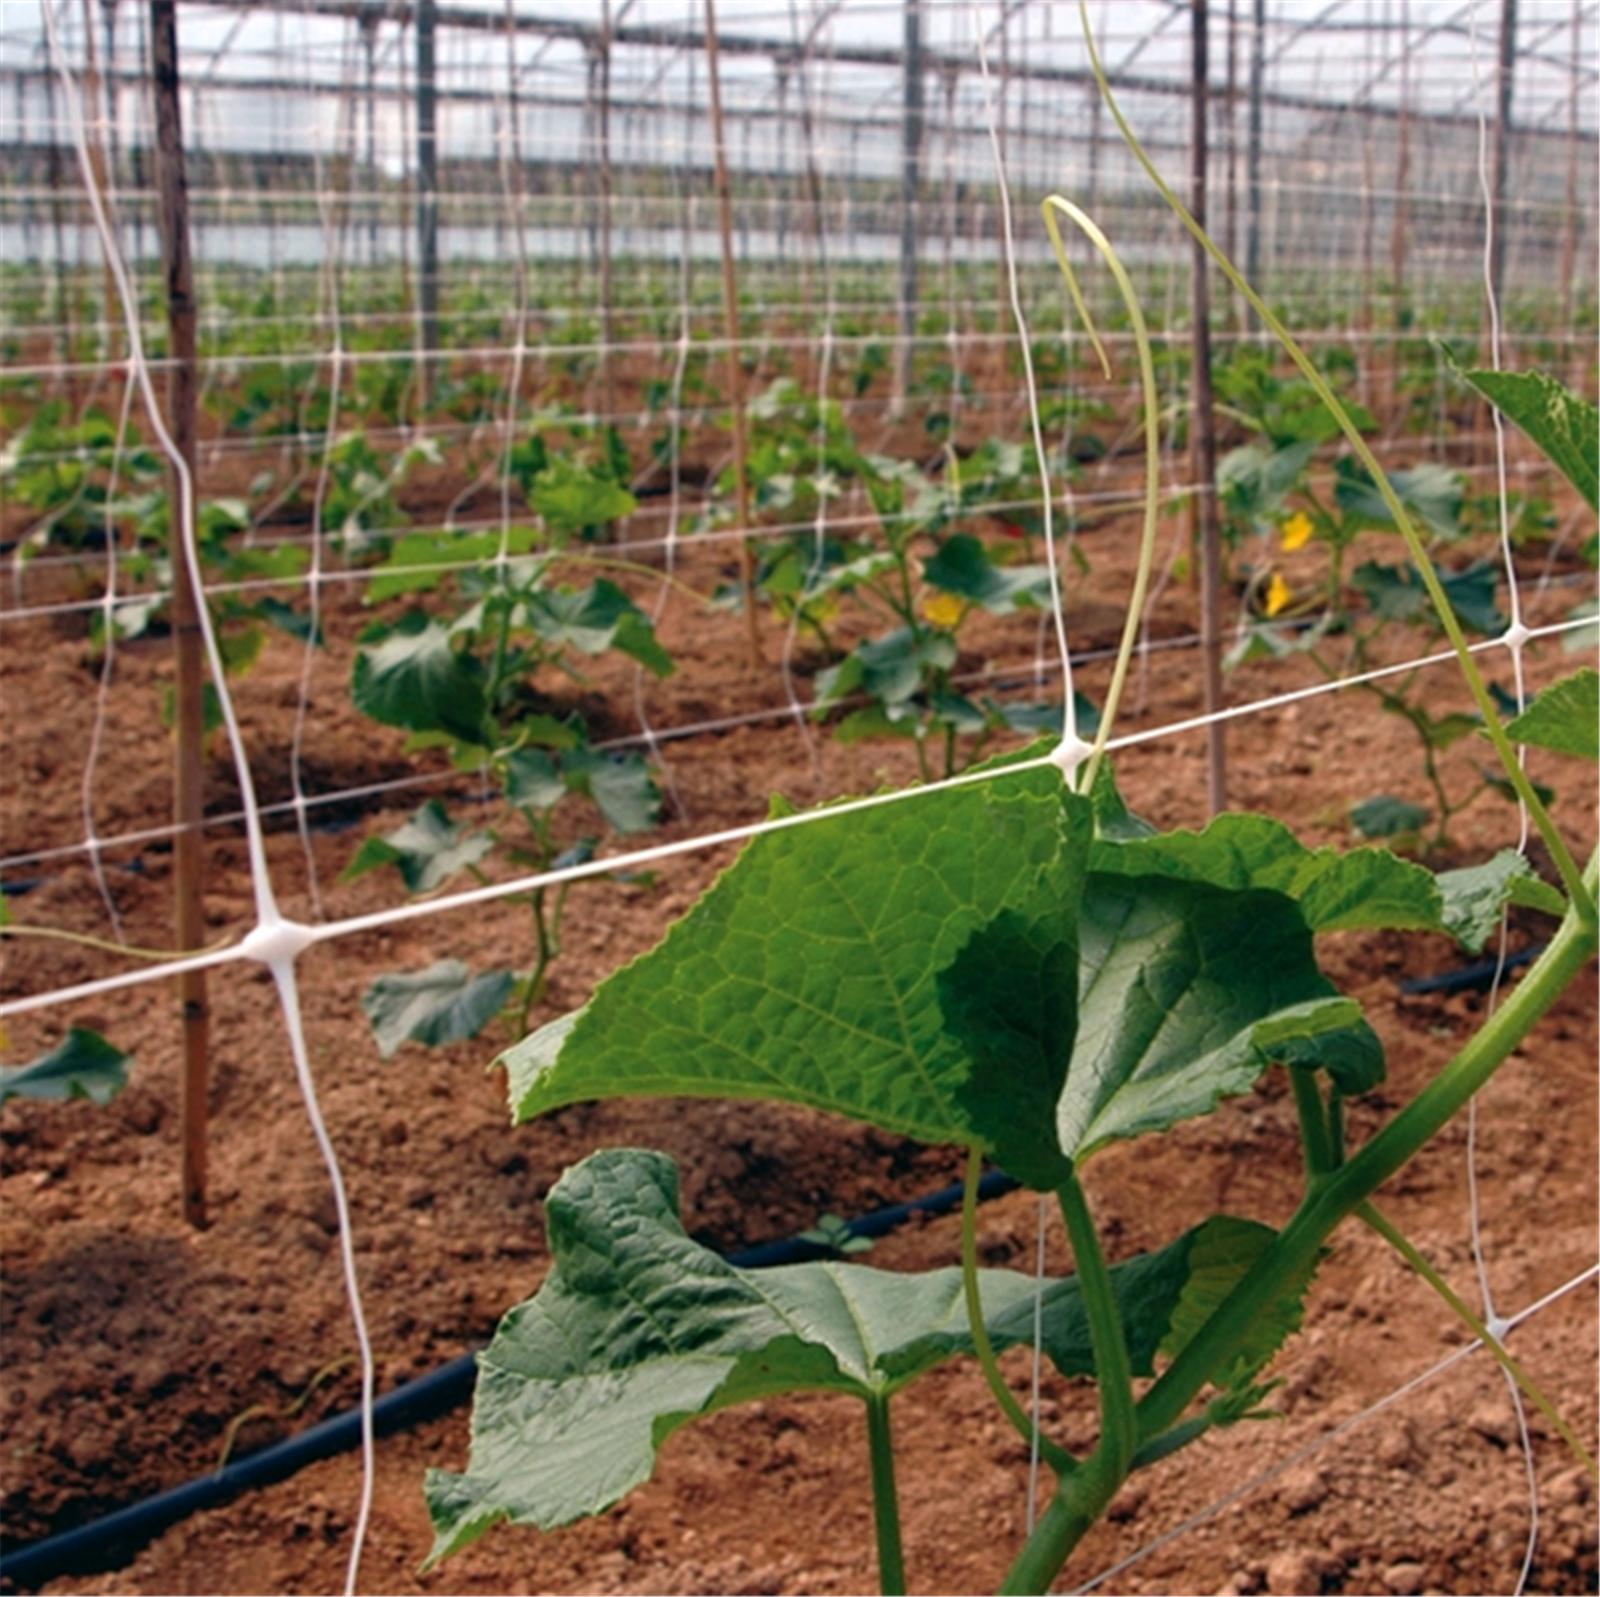 comment acheter un filet de treillis, filet/filet de soutien pour plantes? (fabricant)